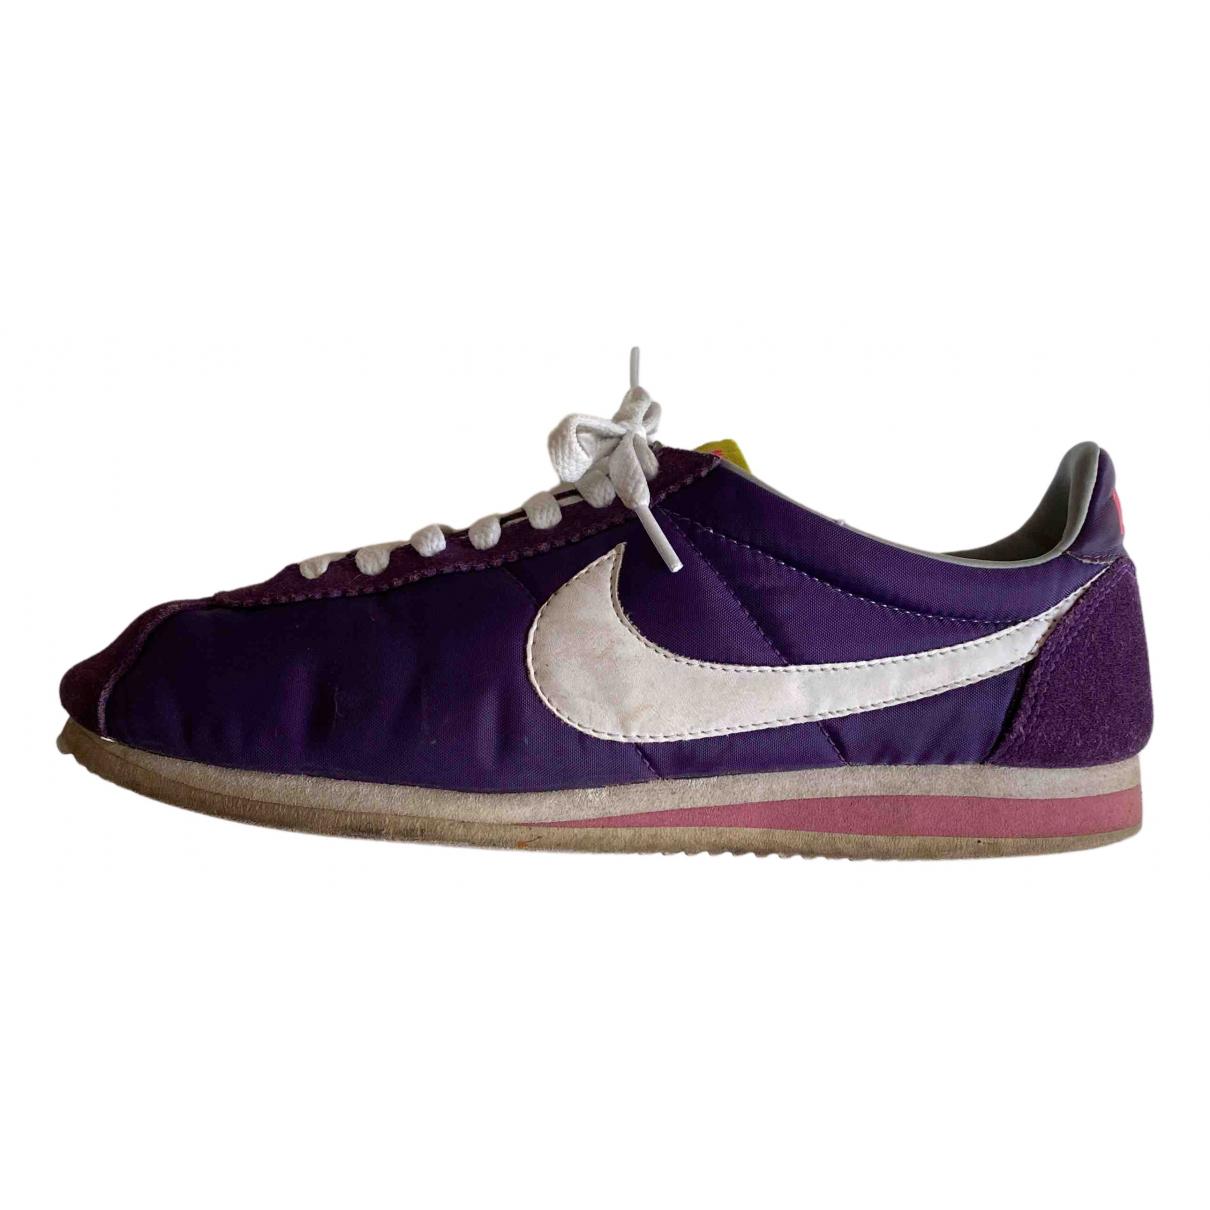 Nike - Baskets Cortez pour homme en toile - violet